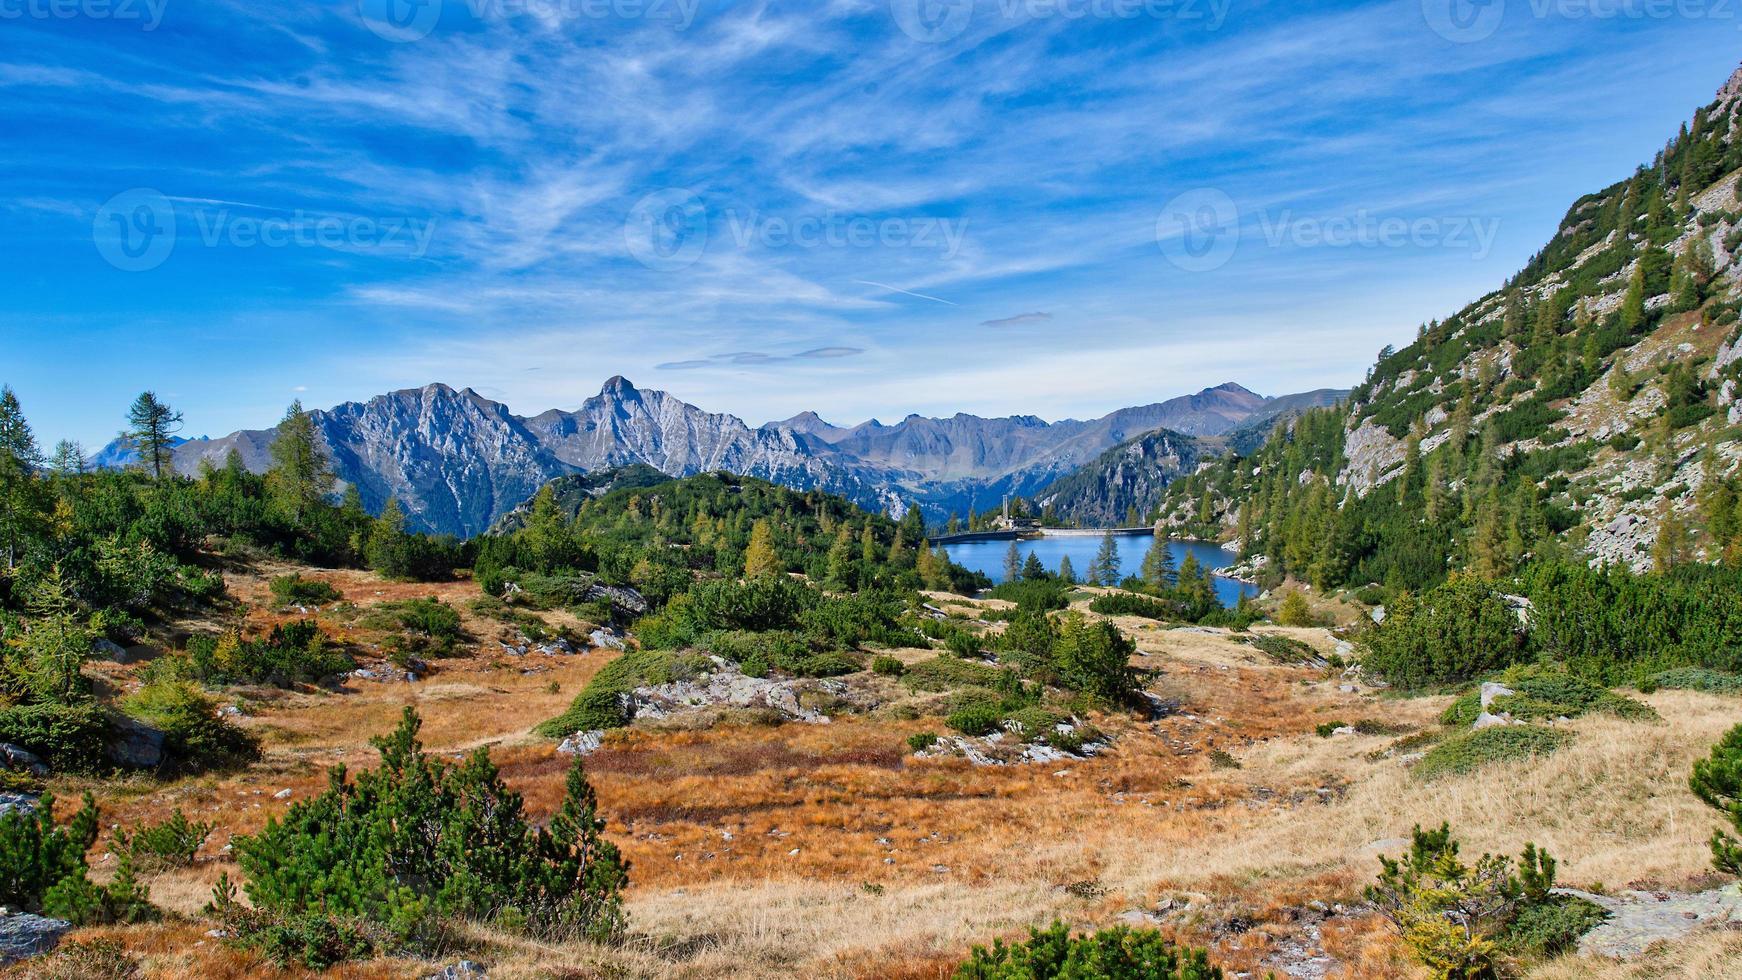 lac du becco. lac alpin des alpes orobias en italie du nord. photo